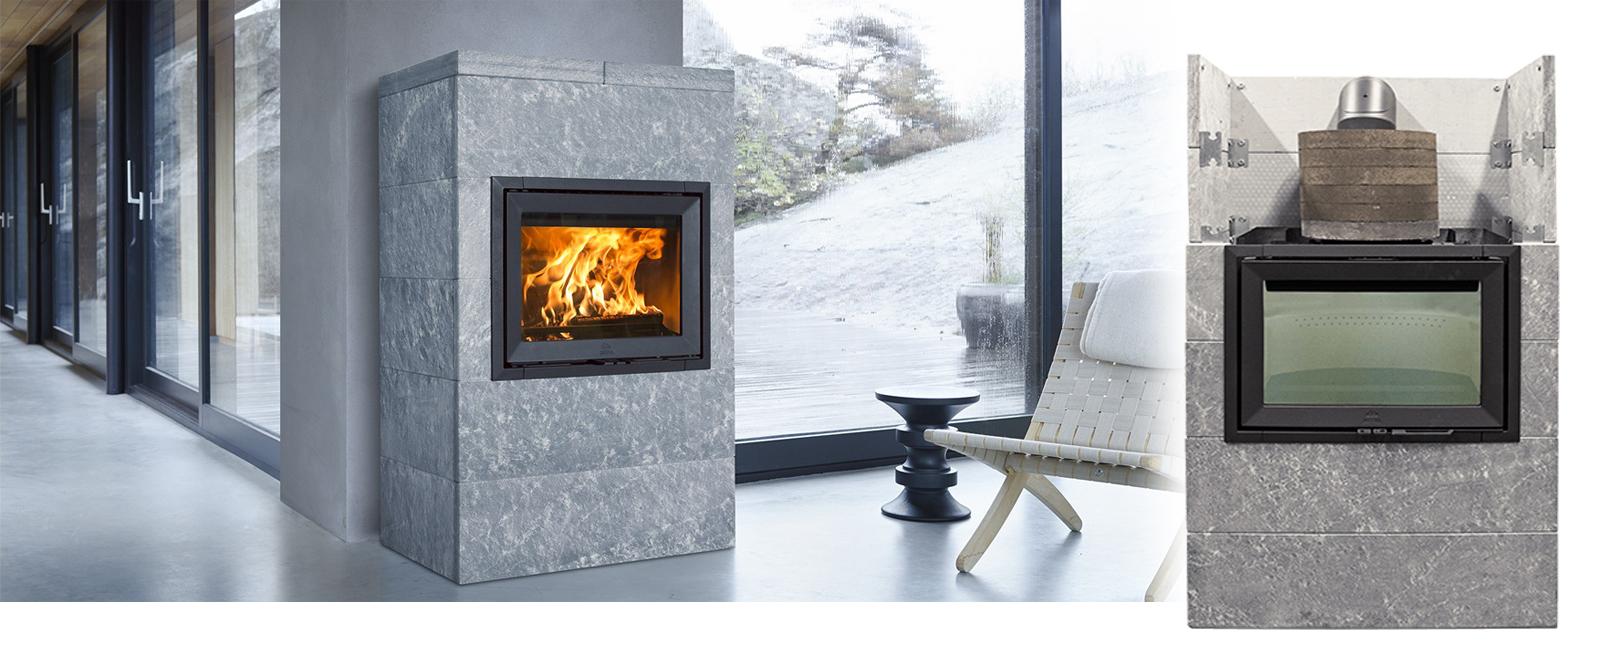 Jøtul FS 175 er en kleberomrammming med plass til varmeakkumulerende stein dersom man velger et tilleggselement i høyden.